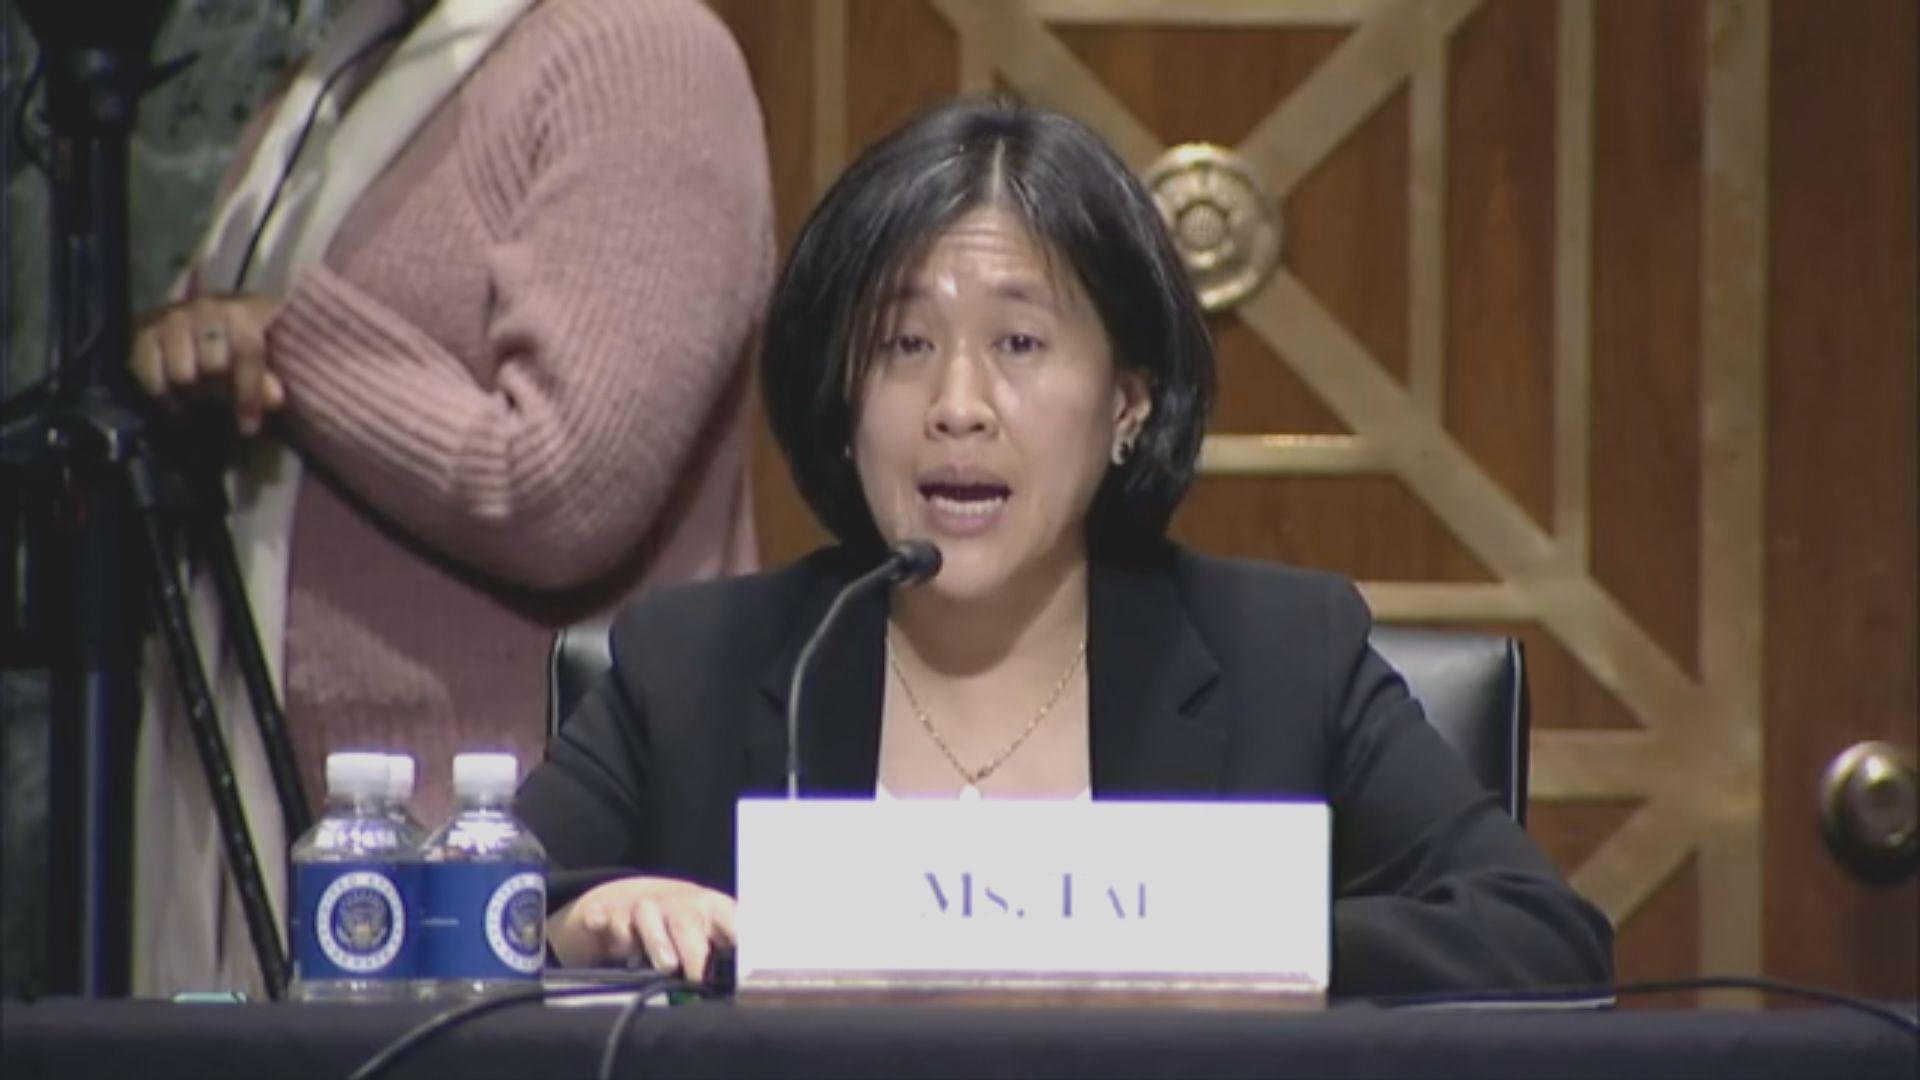 獲提名出任美國貿易代表 戴琪稱將確保中國履行貿協